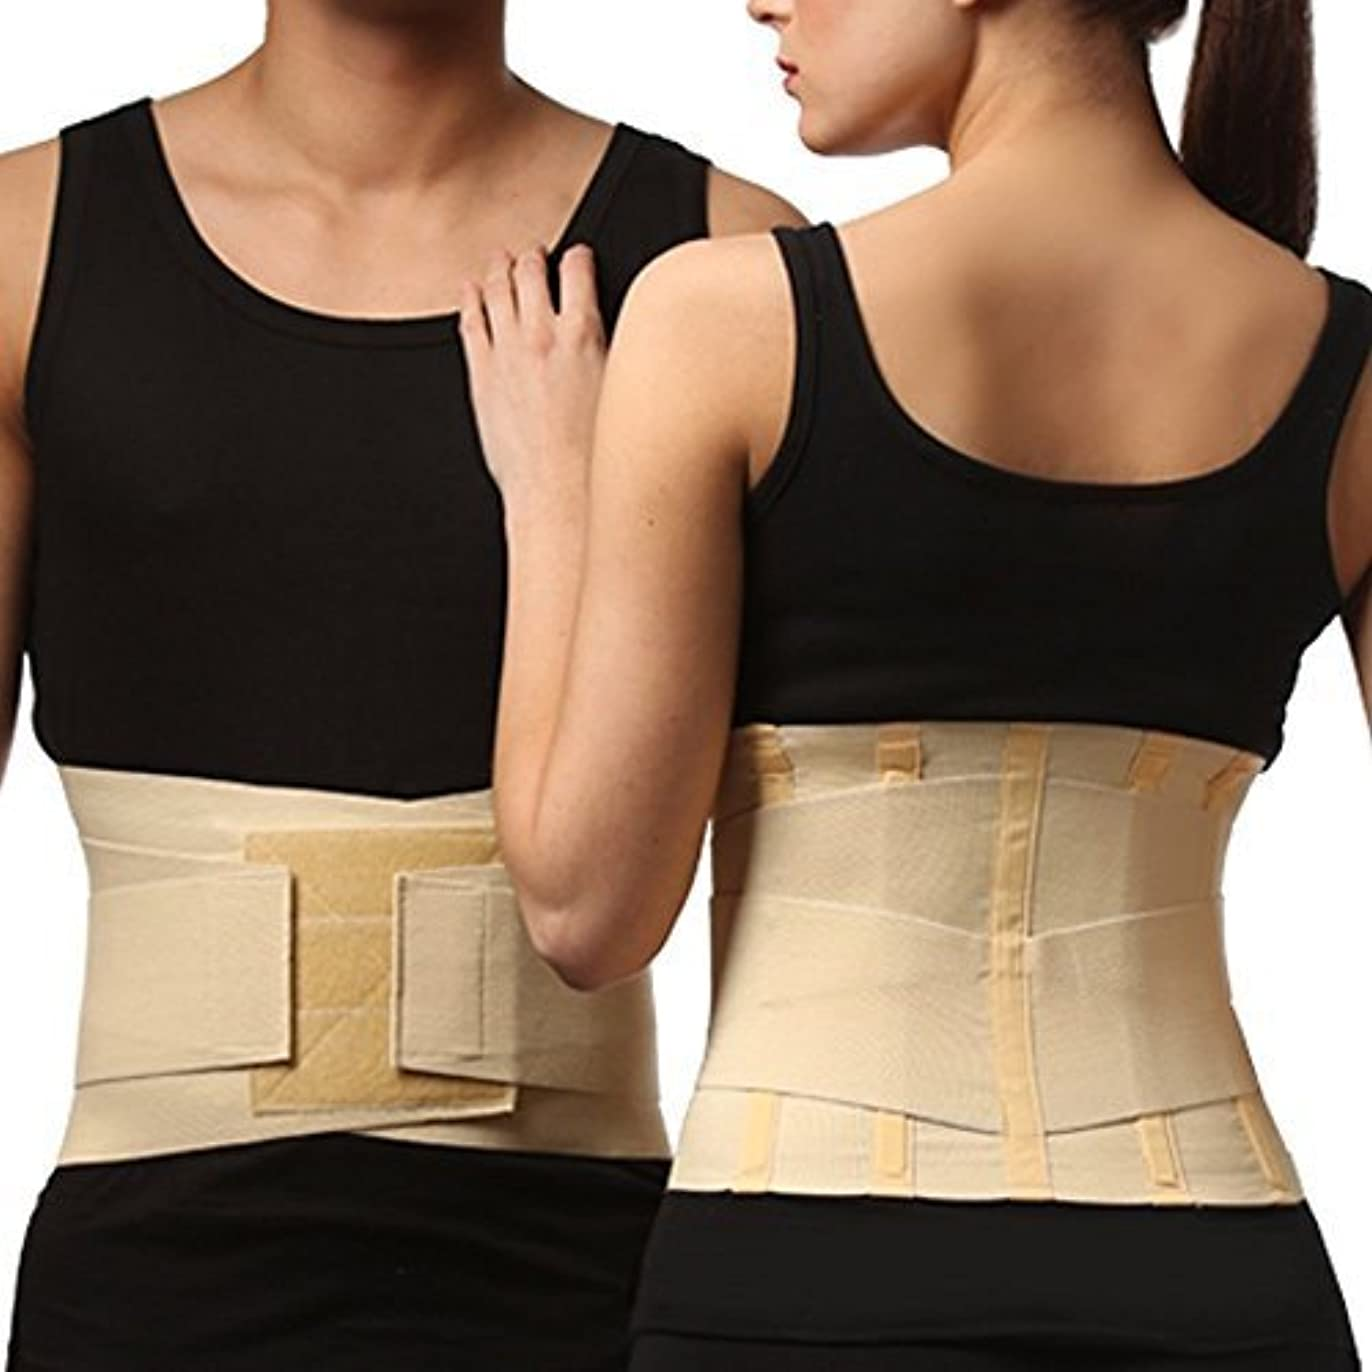 配るパシフィック建築家Medical Grade LUMBAR SUPPORT BRACE, Back Belt with Stiff Splints & Double Pull Straps (Medium) by Tonus Elast...